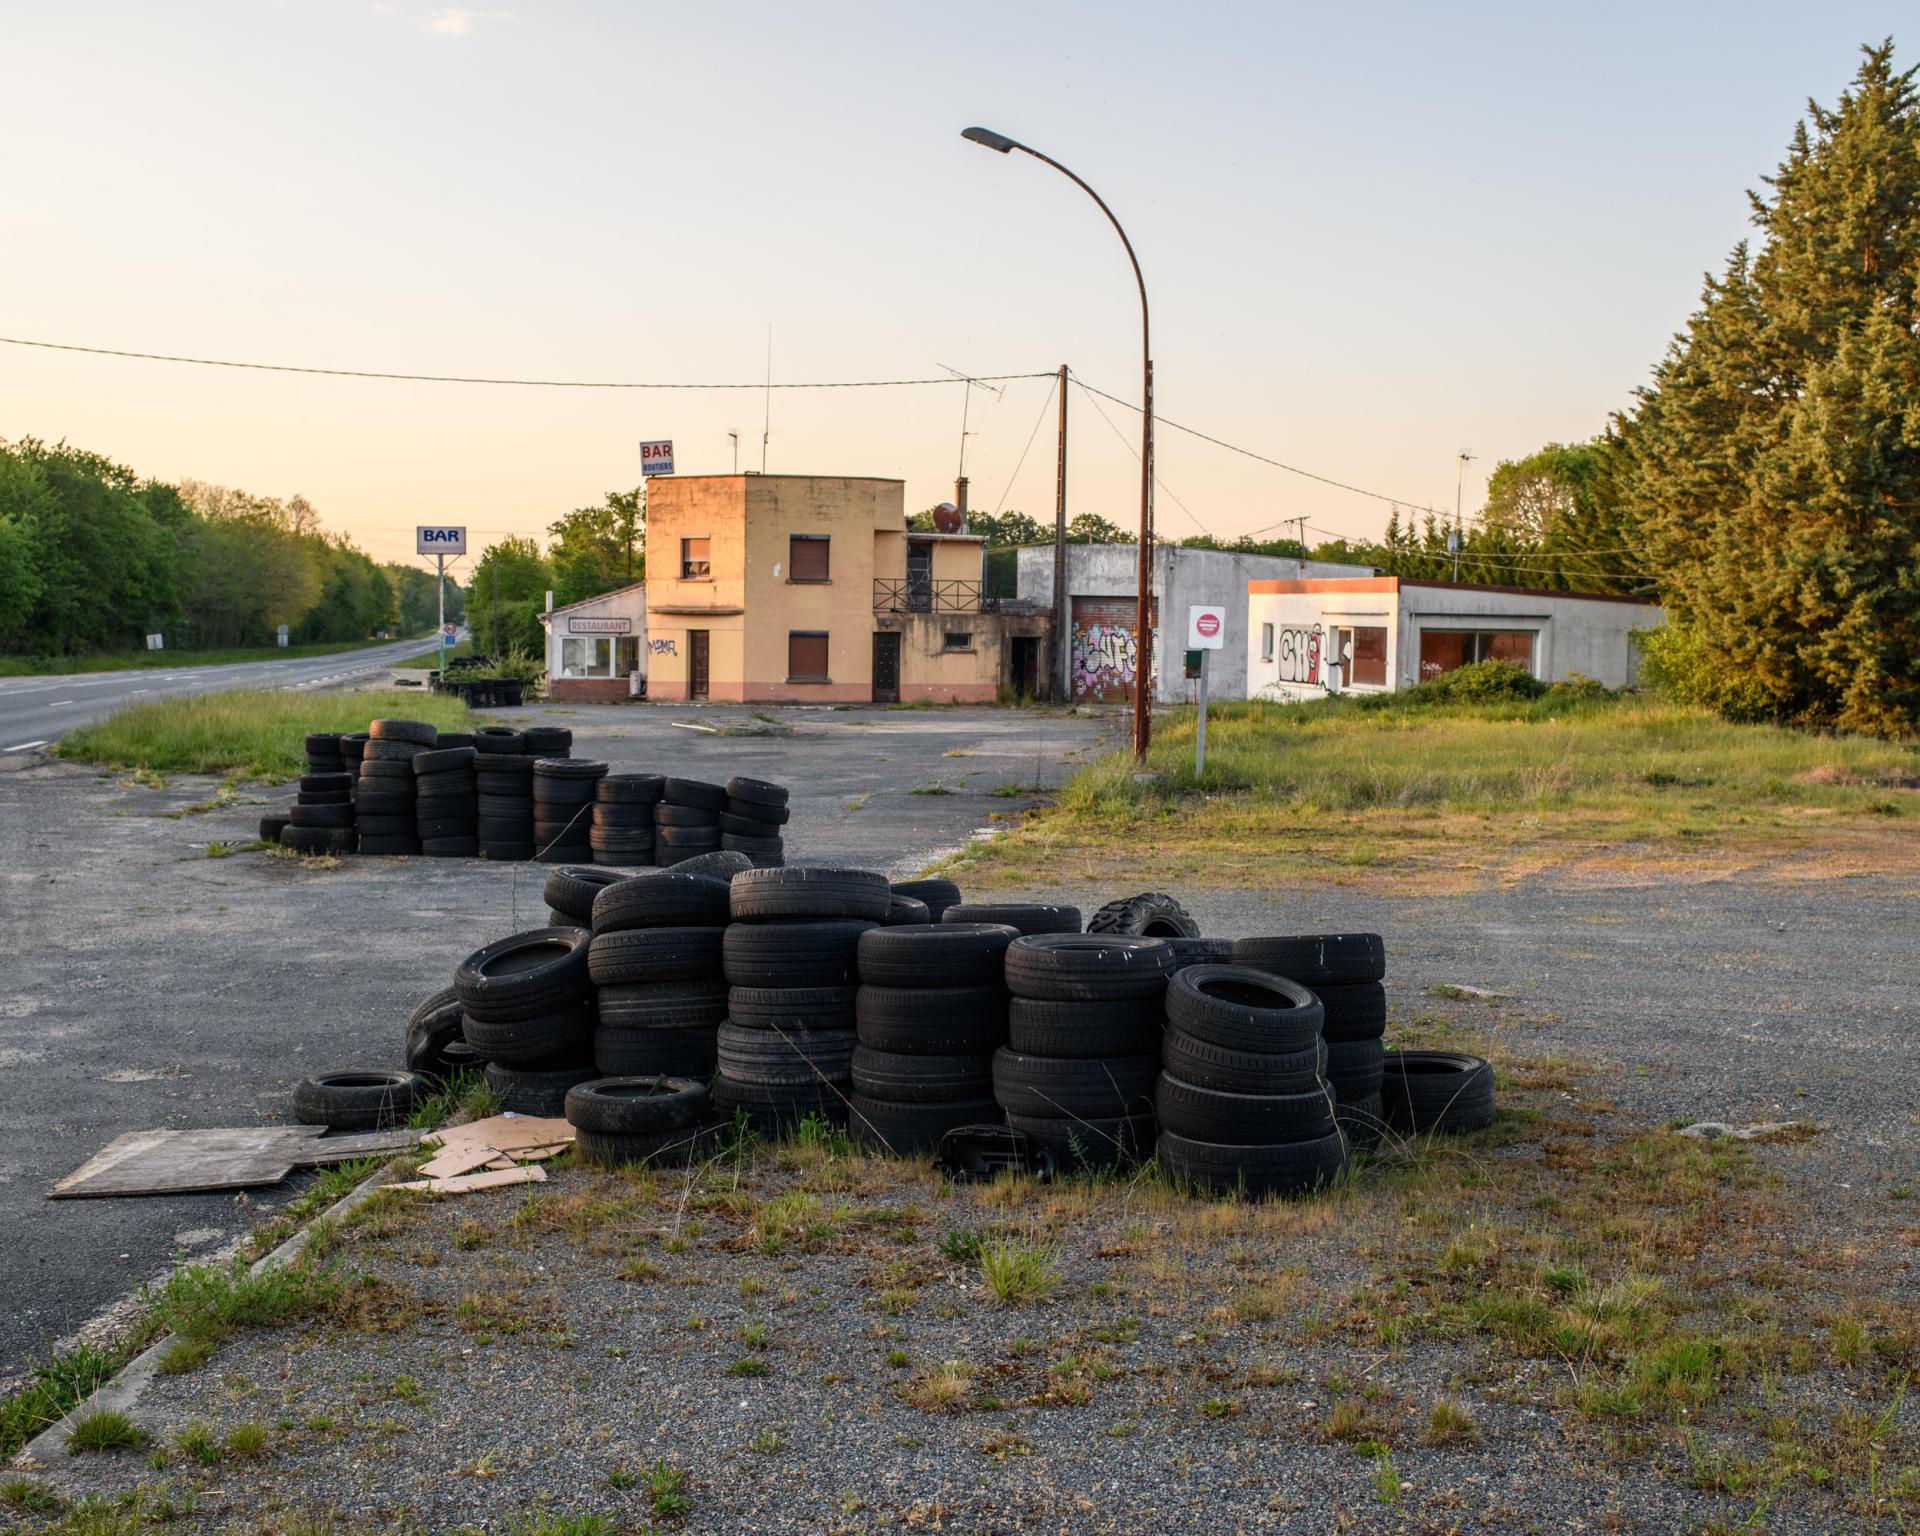 Restaurant routier abandonné, le long de la départementale D2007, dans le Loiret, le 23 avril.